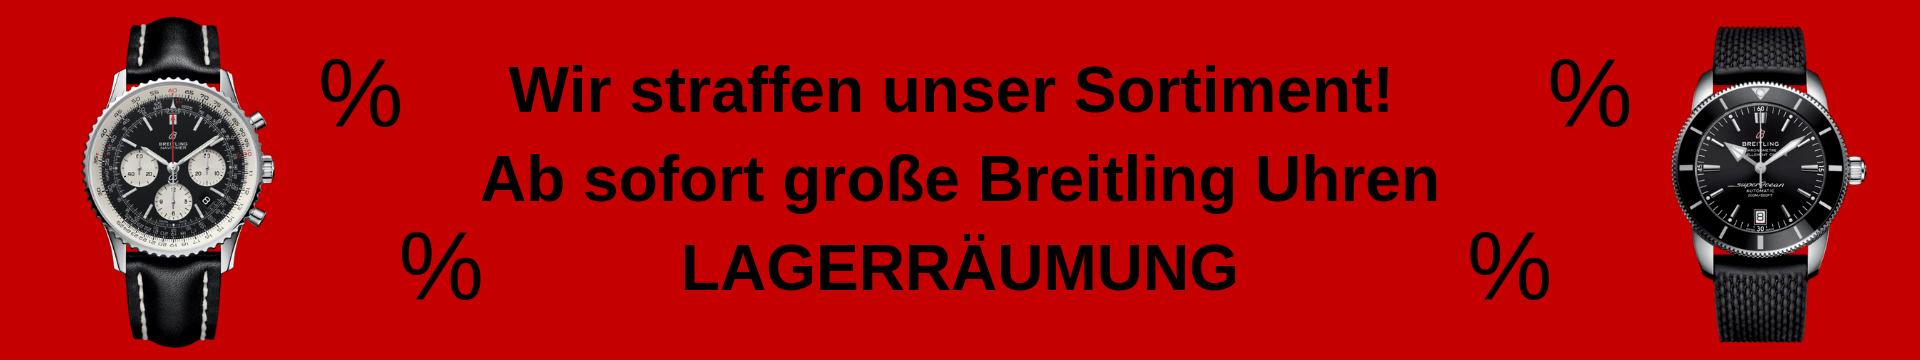 Breitling Uhren Angebot